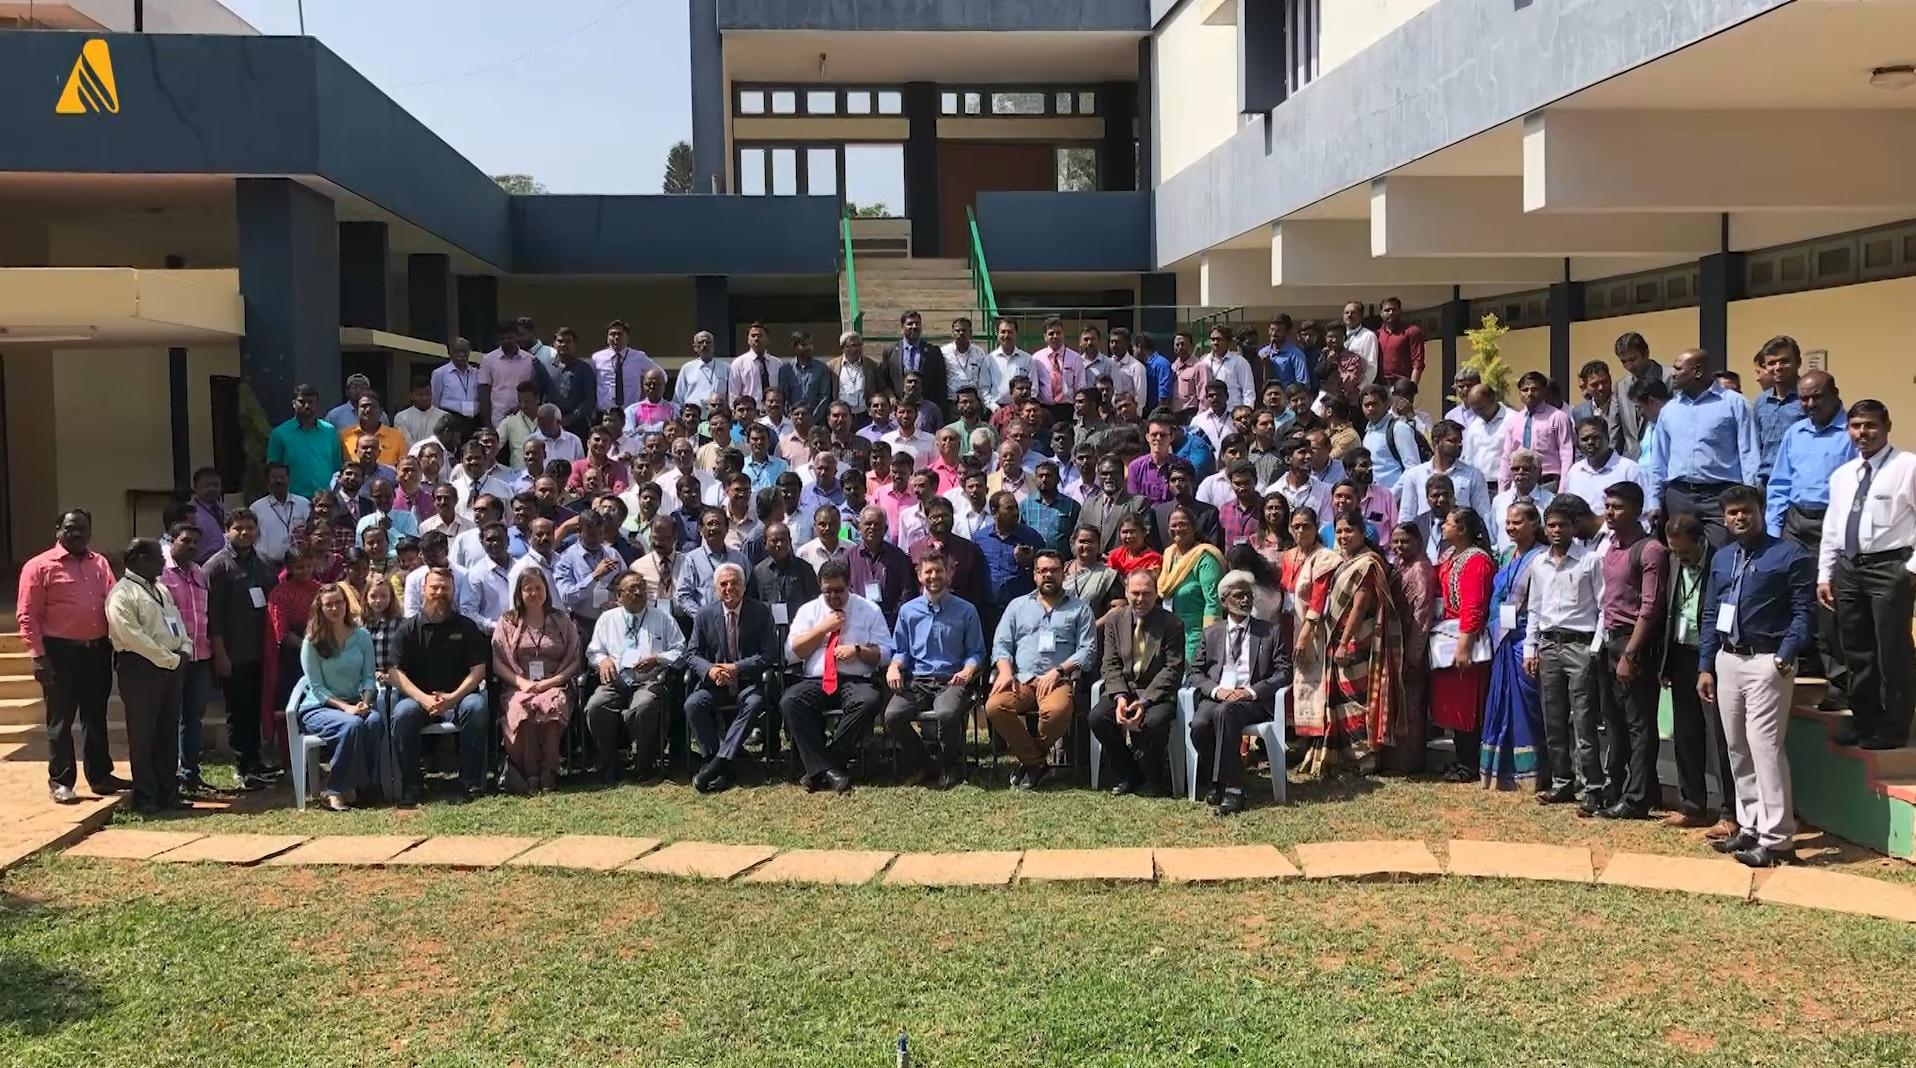 Equipo de indios que participó en entrenamiento en el país (Foto: Adventist News Network)